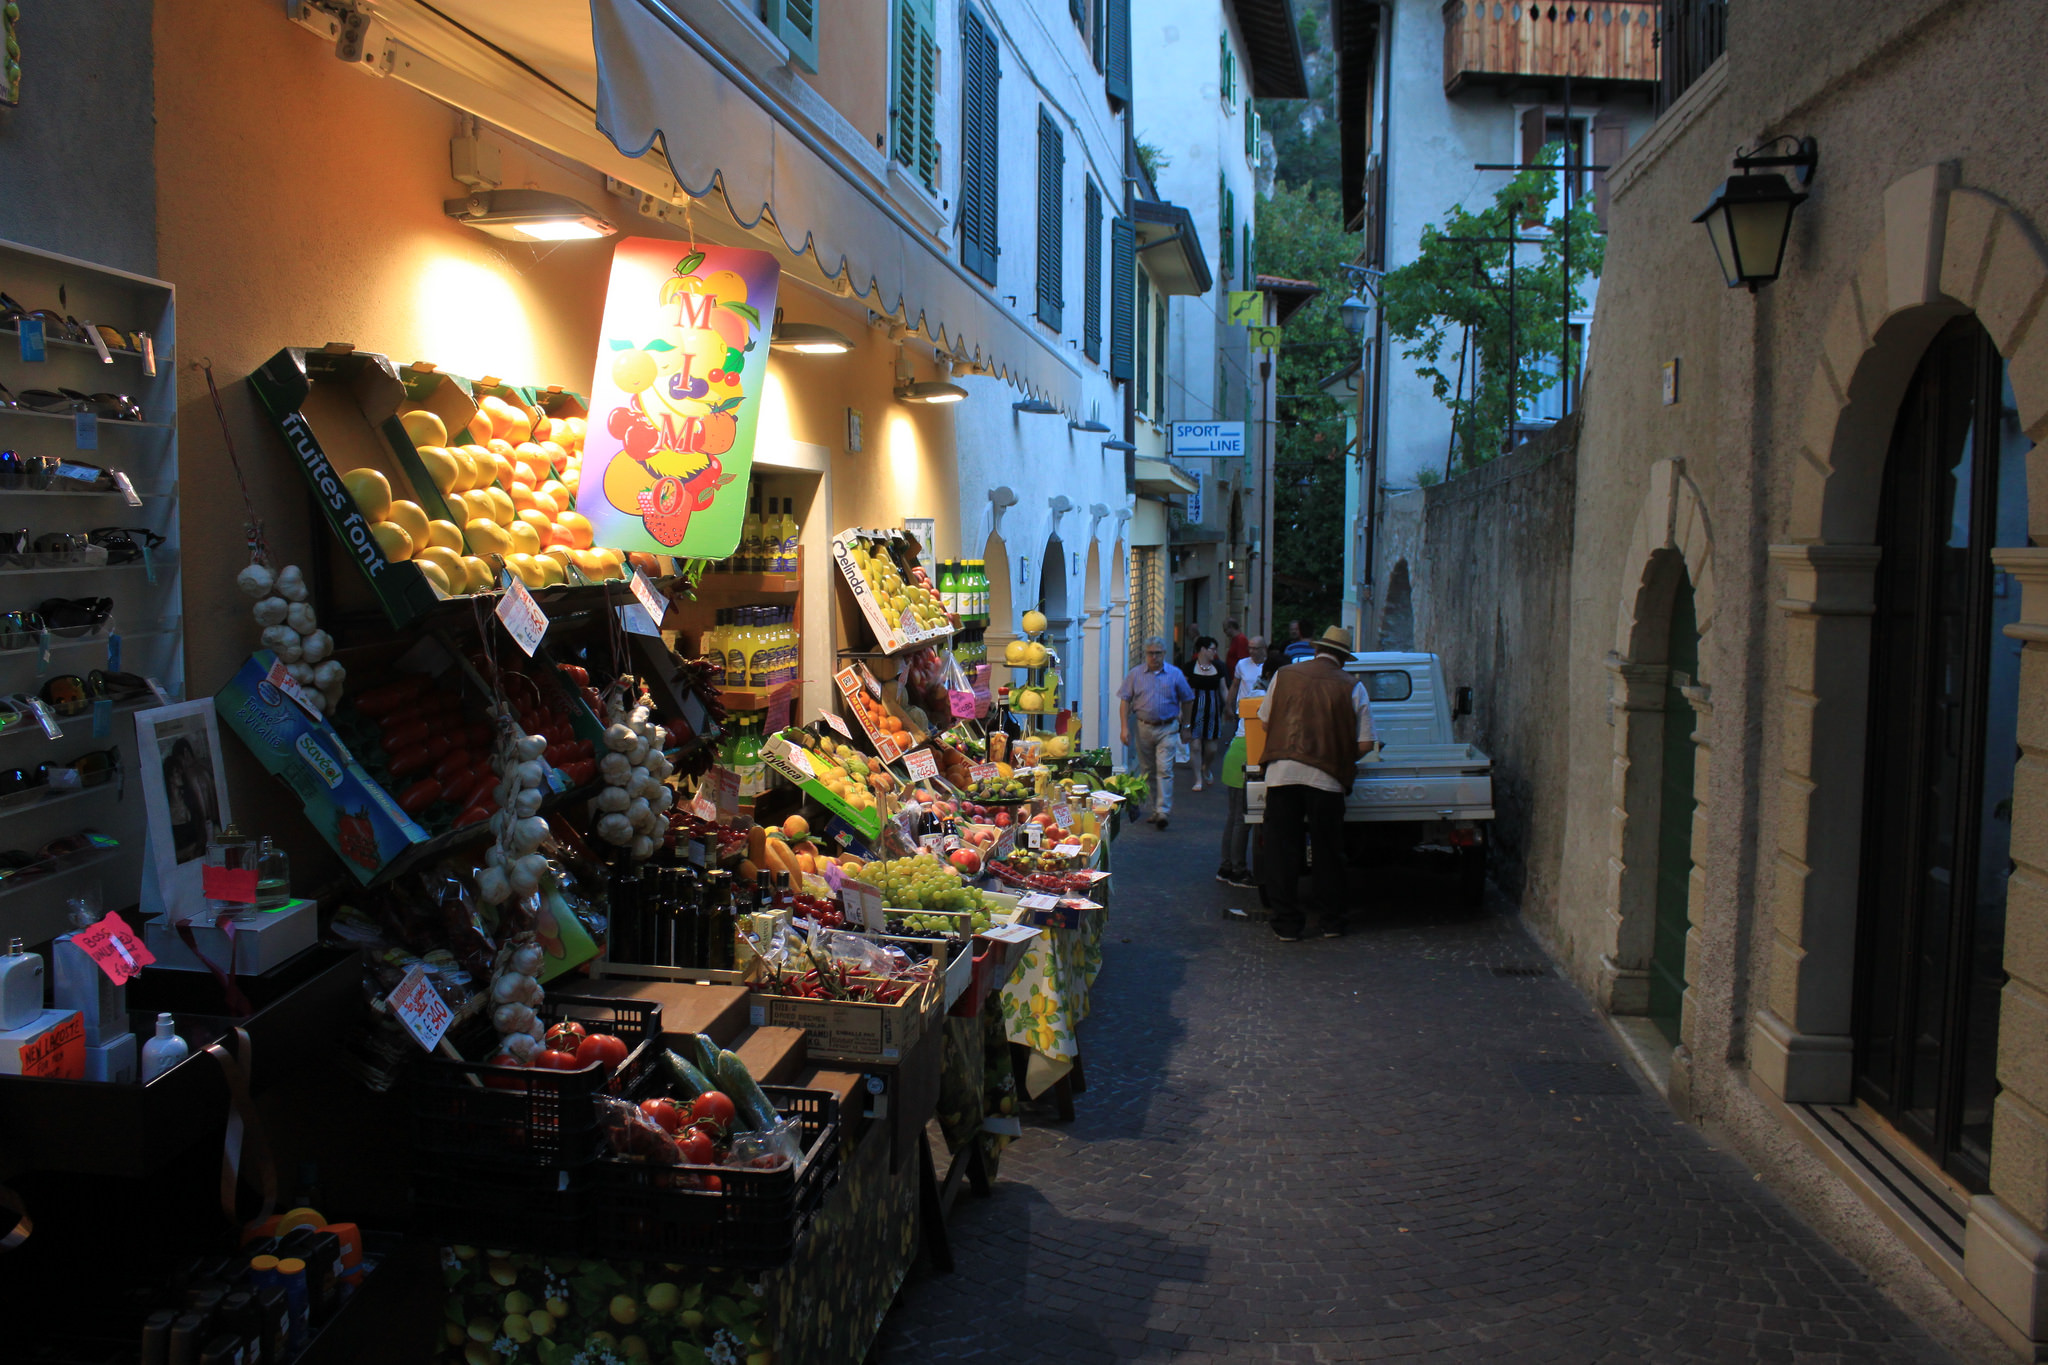 Уличная фруктовая лавка, Лимоне-суль-Гарда